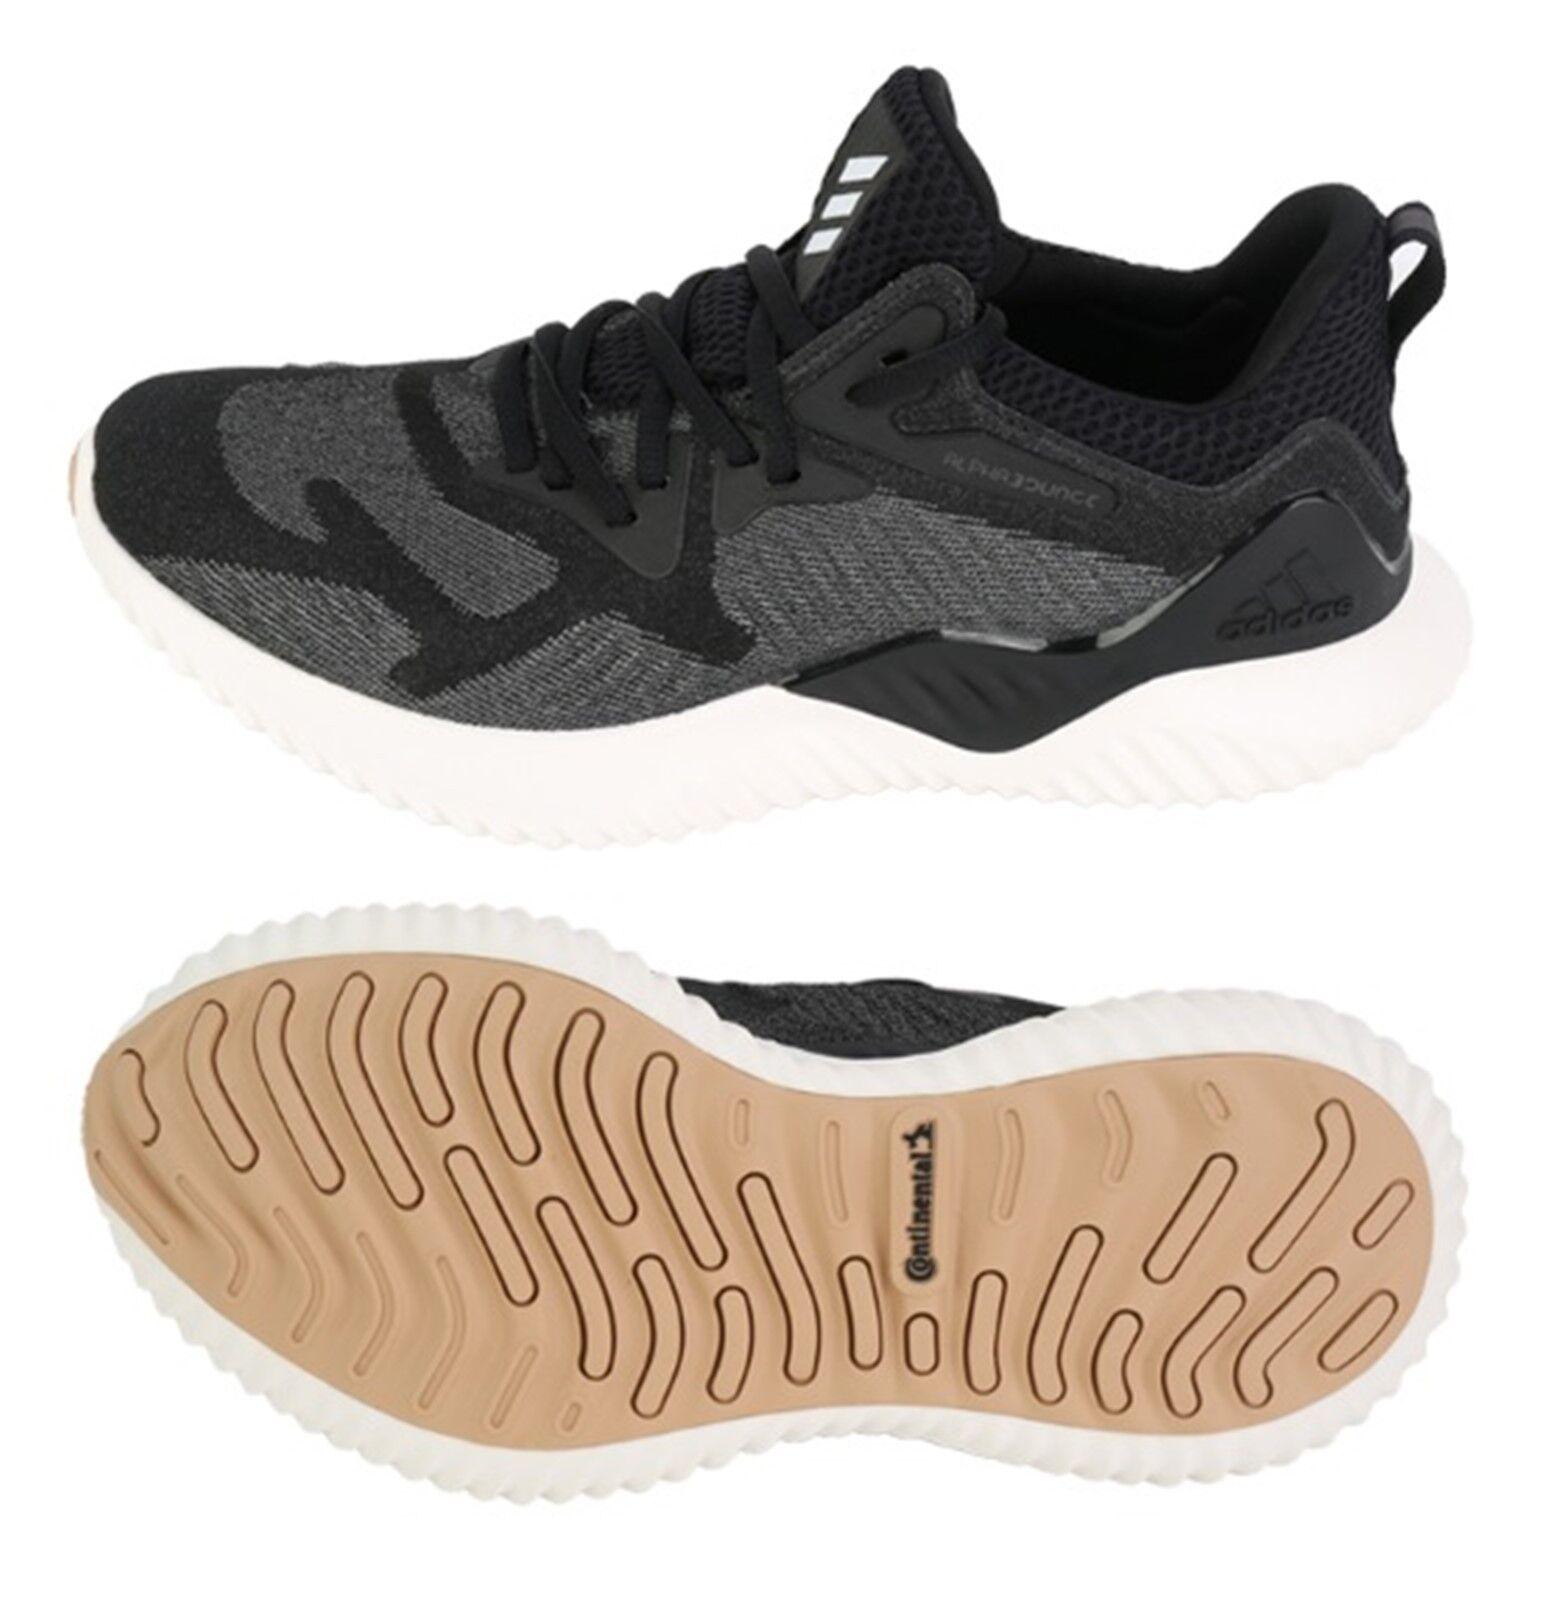 Zapatos De Entrenamiento Adidas Mujer Alfa rebote Correr Zapatillas Gimnasio Zapato Negro CG5581